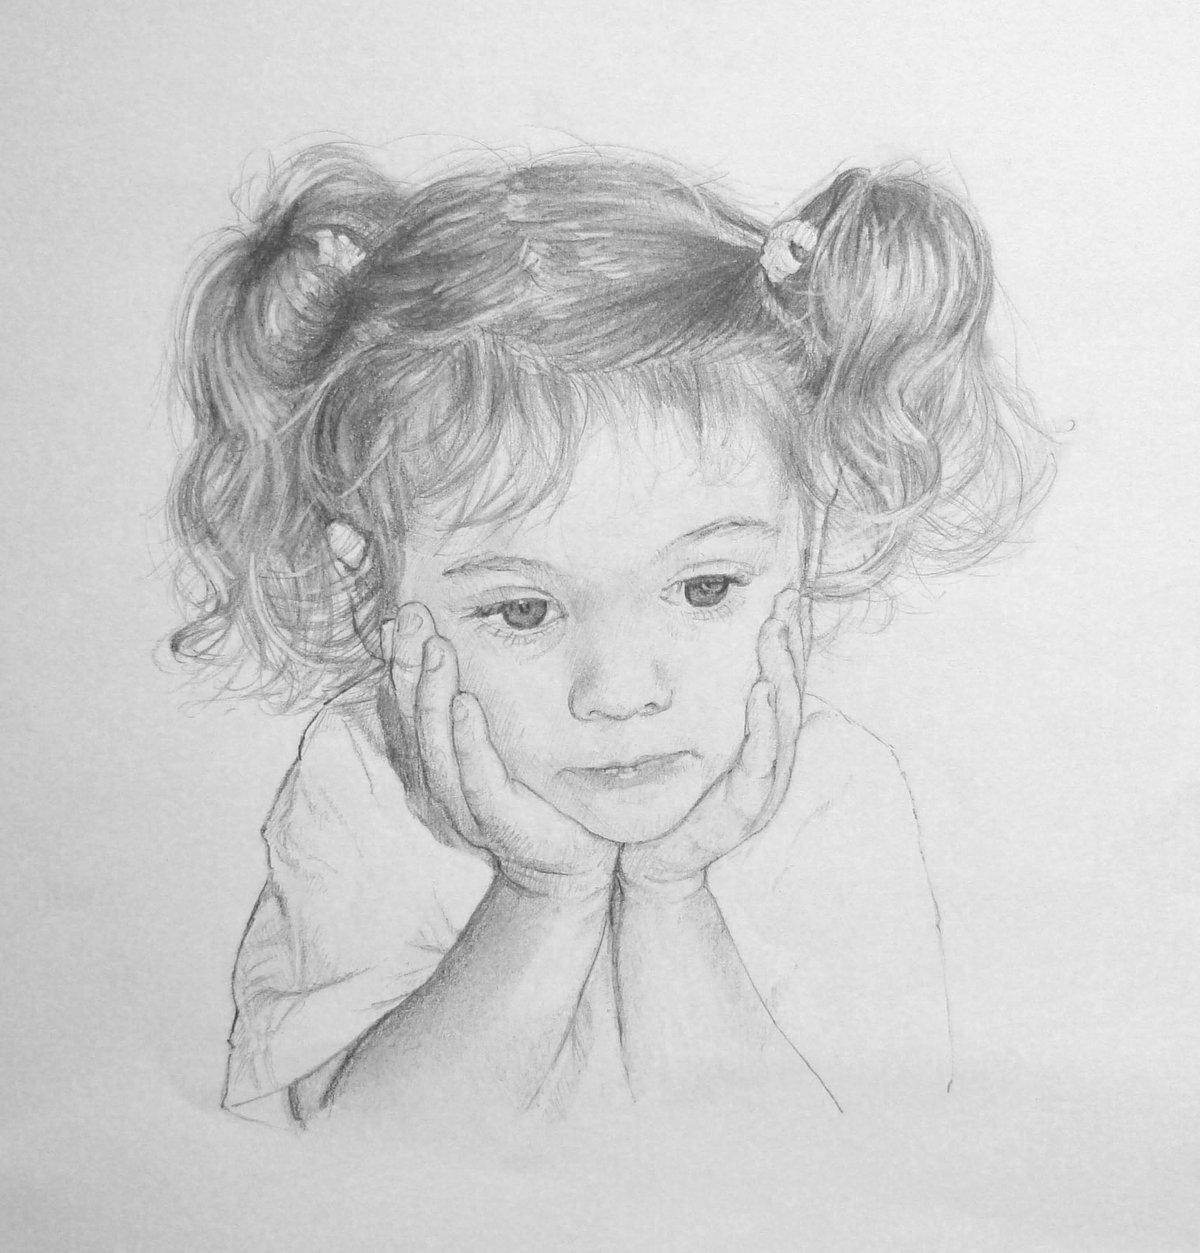 Картинки рисованные карандашом дети, прикольные переживаю прикольные